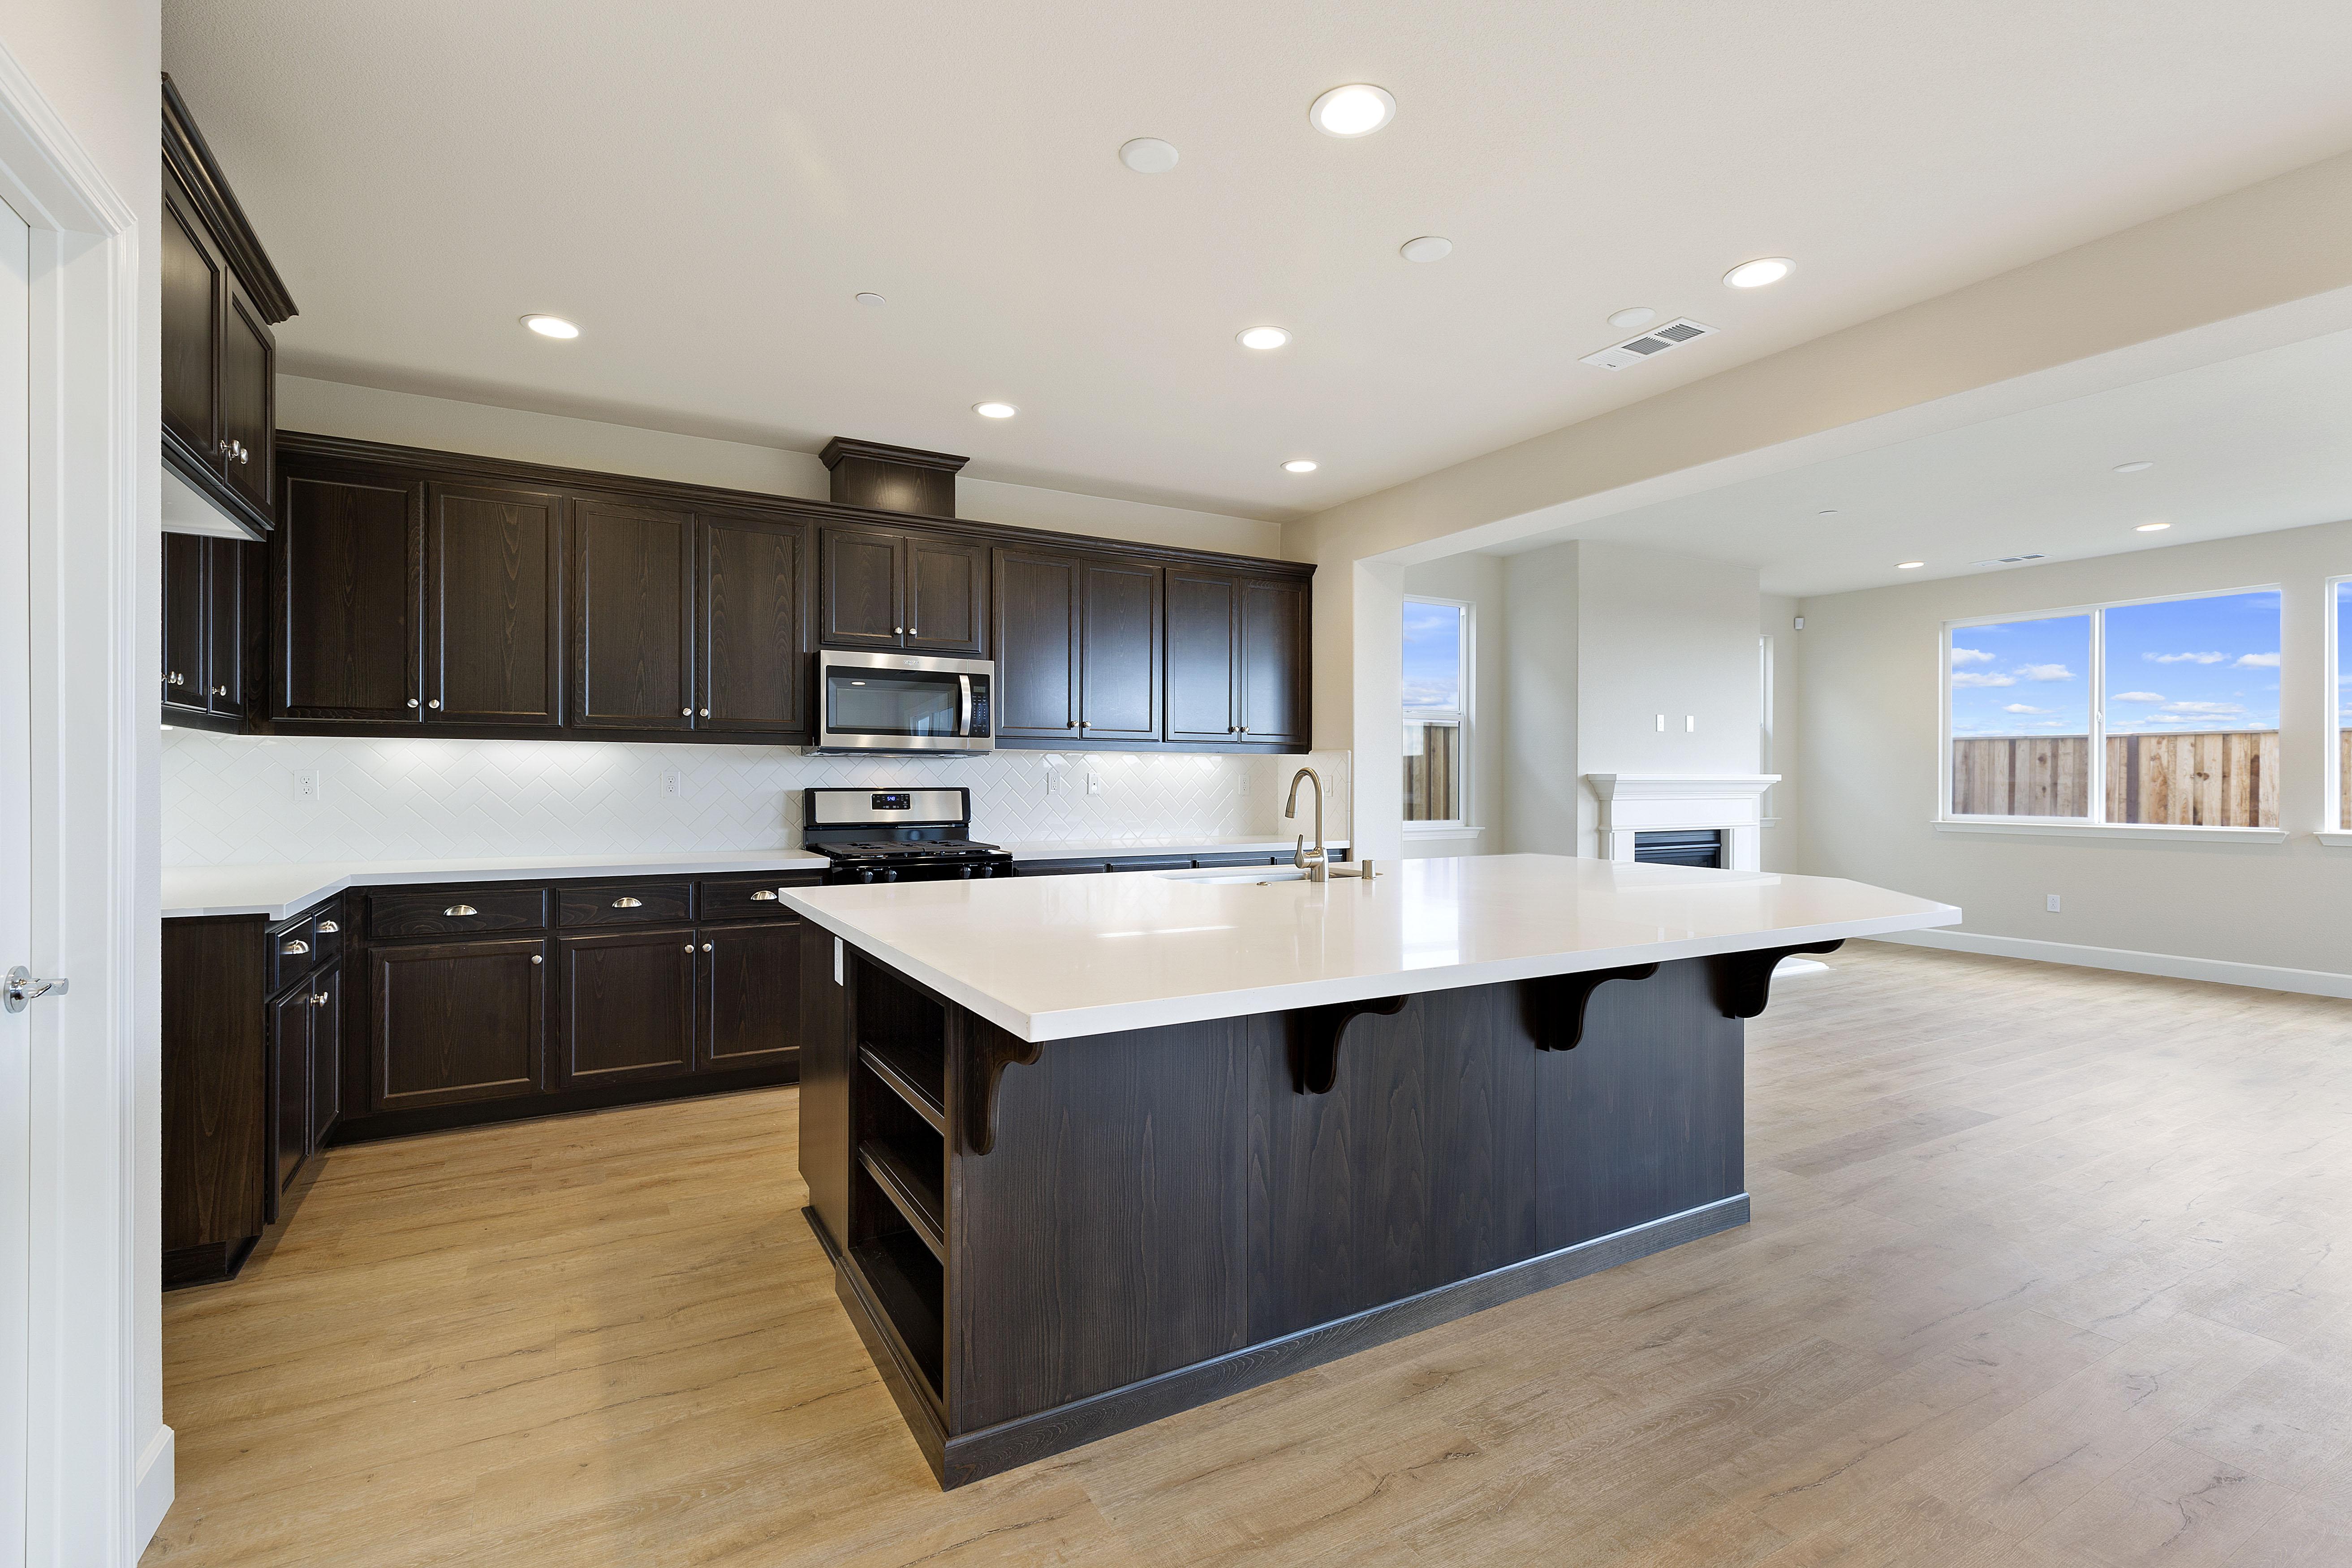 Kitchen interior design   Elite Builder Services